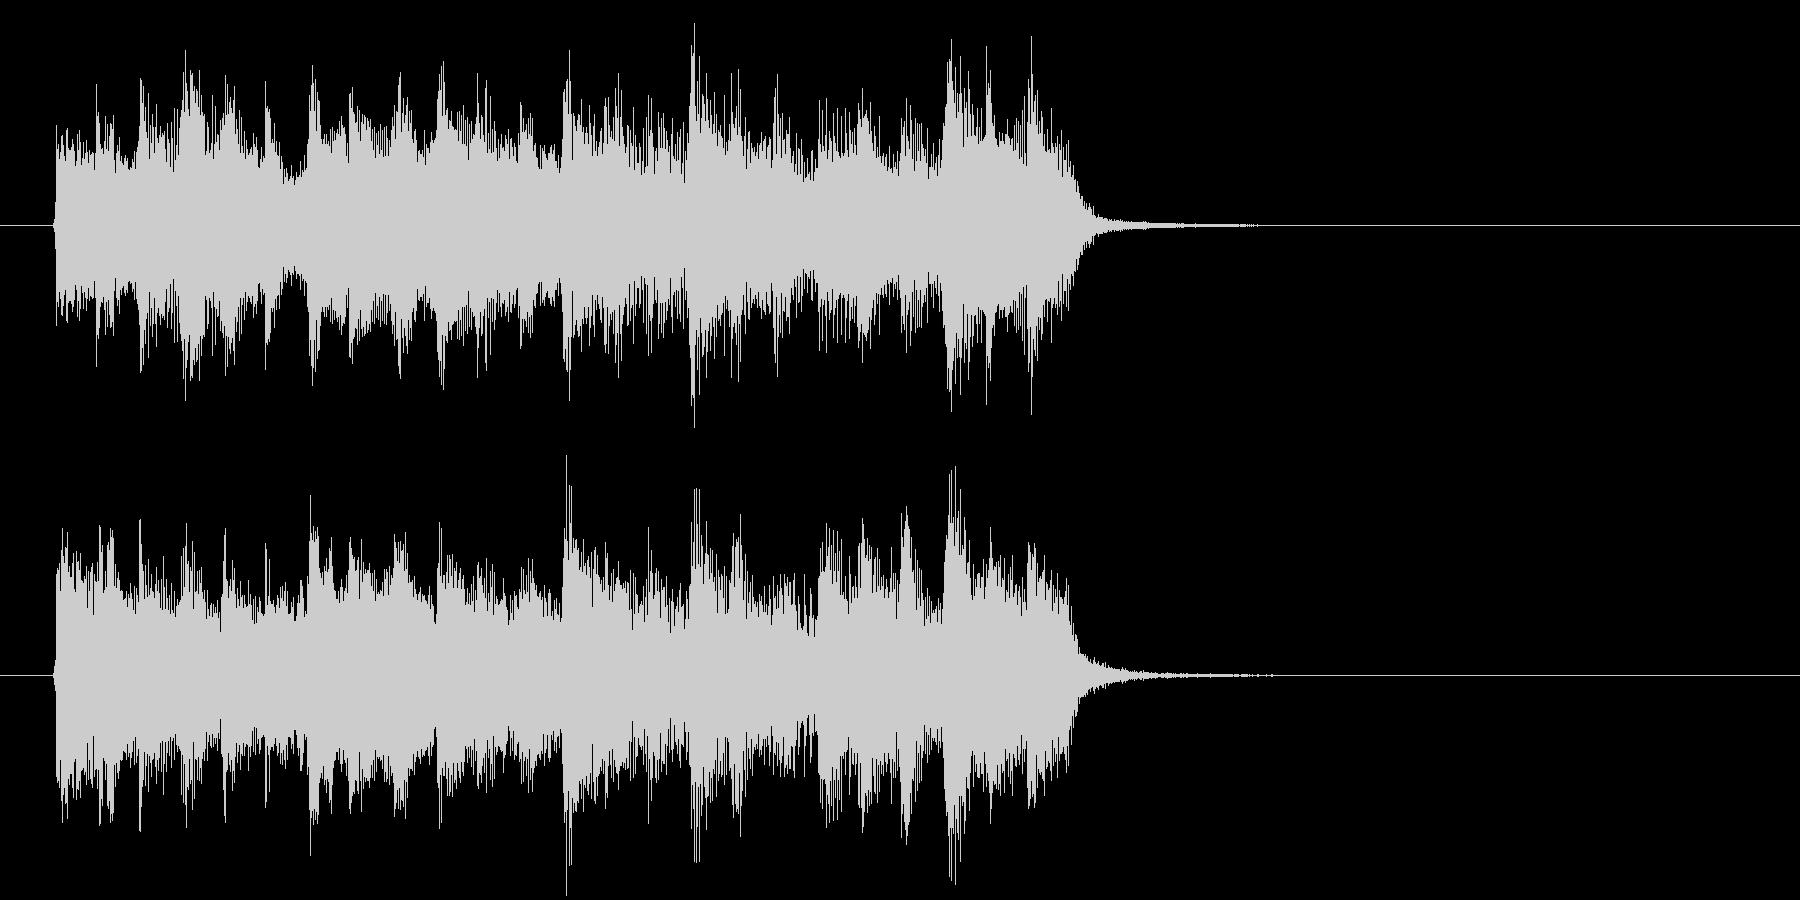 神秘的な森の中のようなBGM_ループ用3の未再生の波形